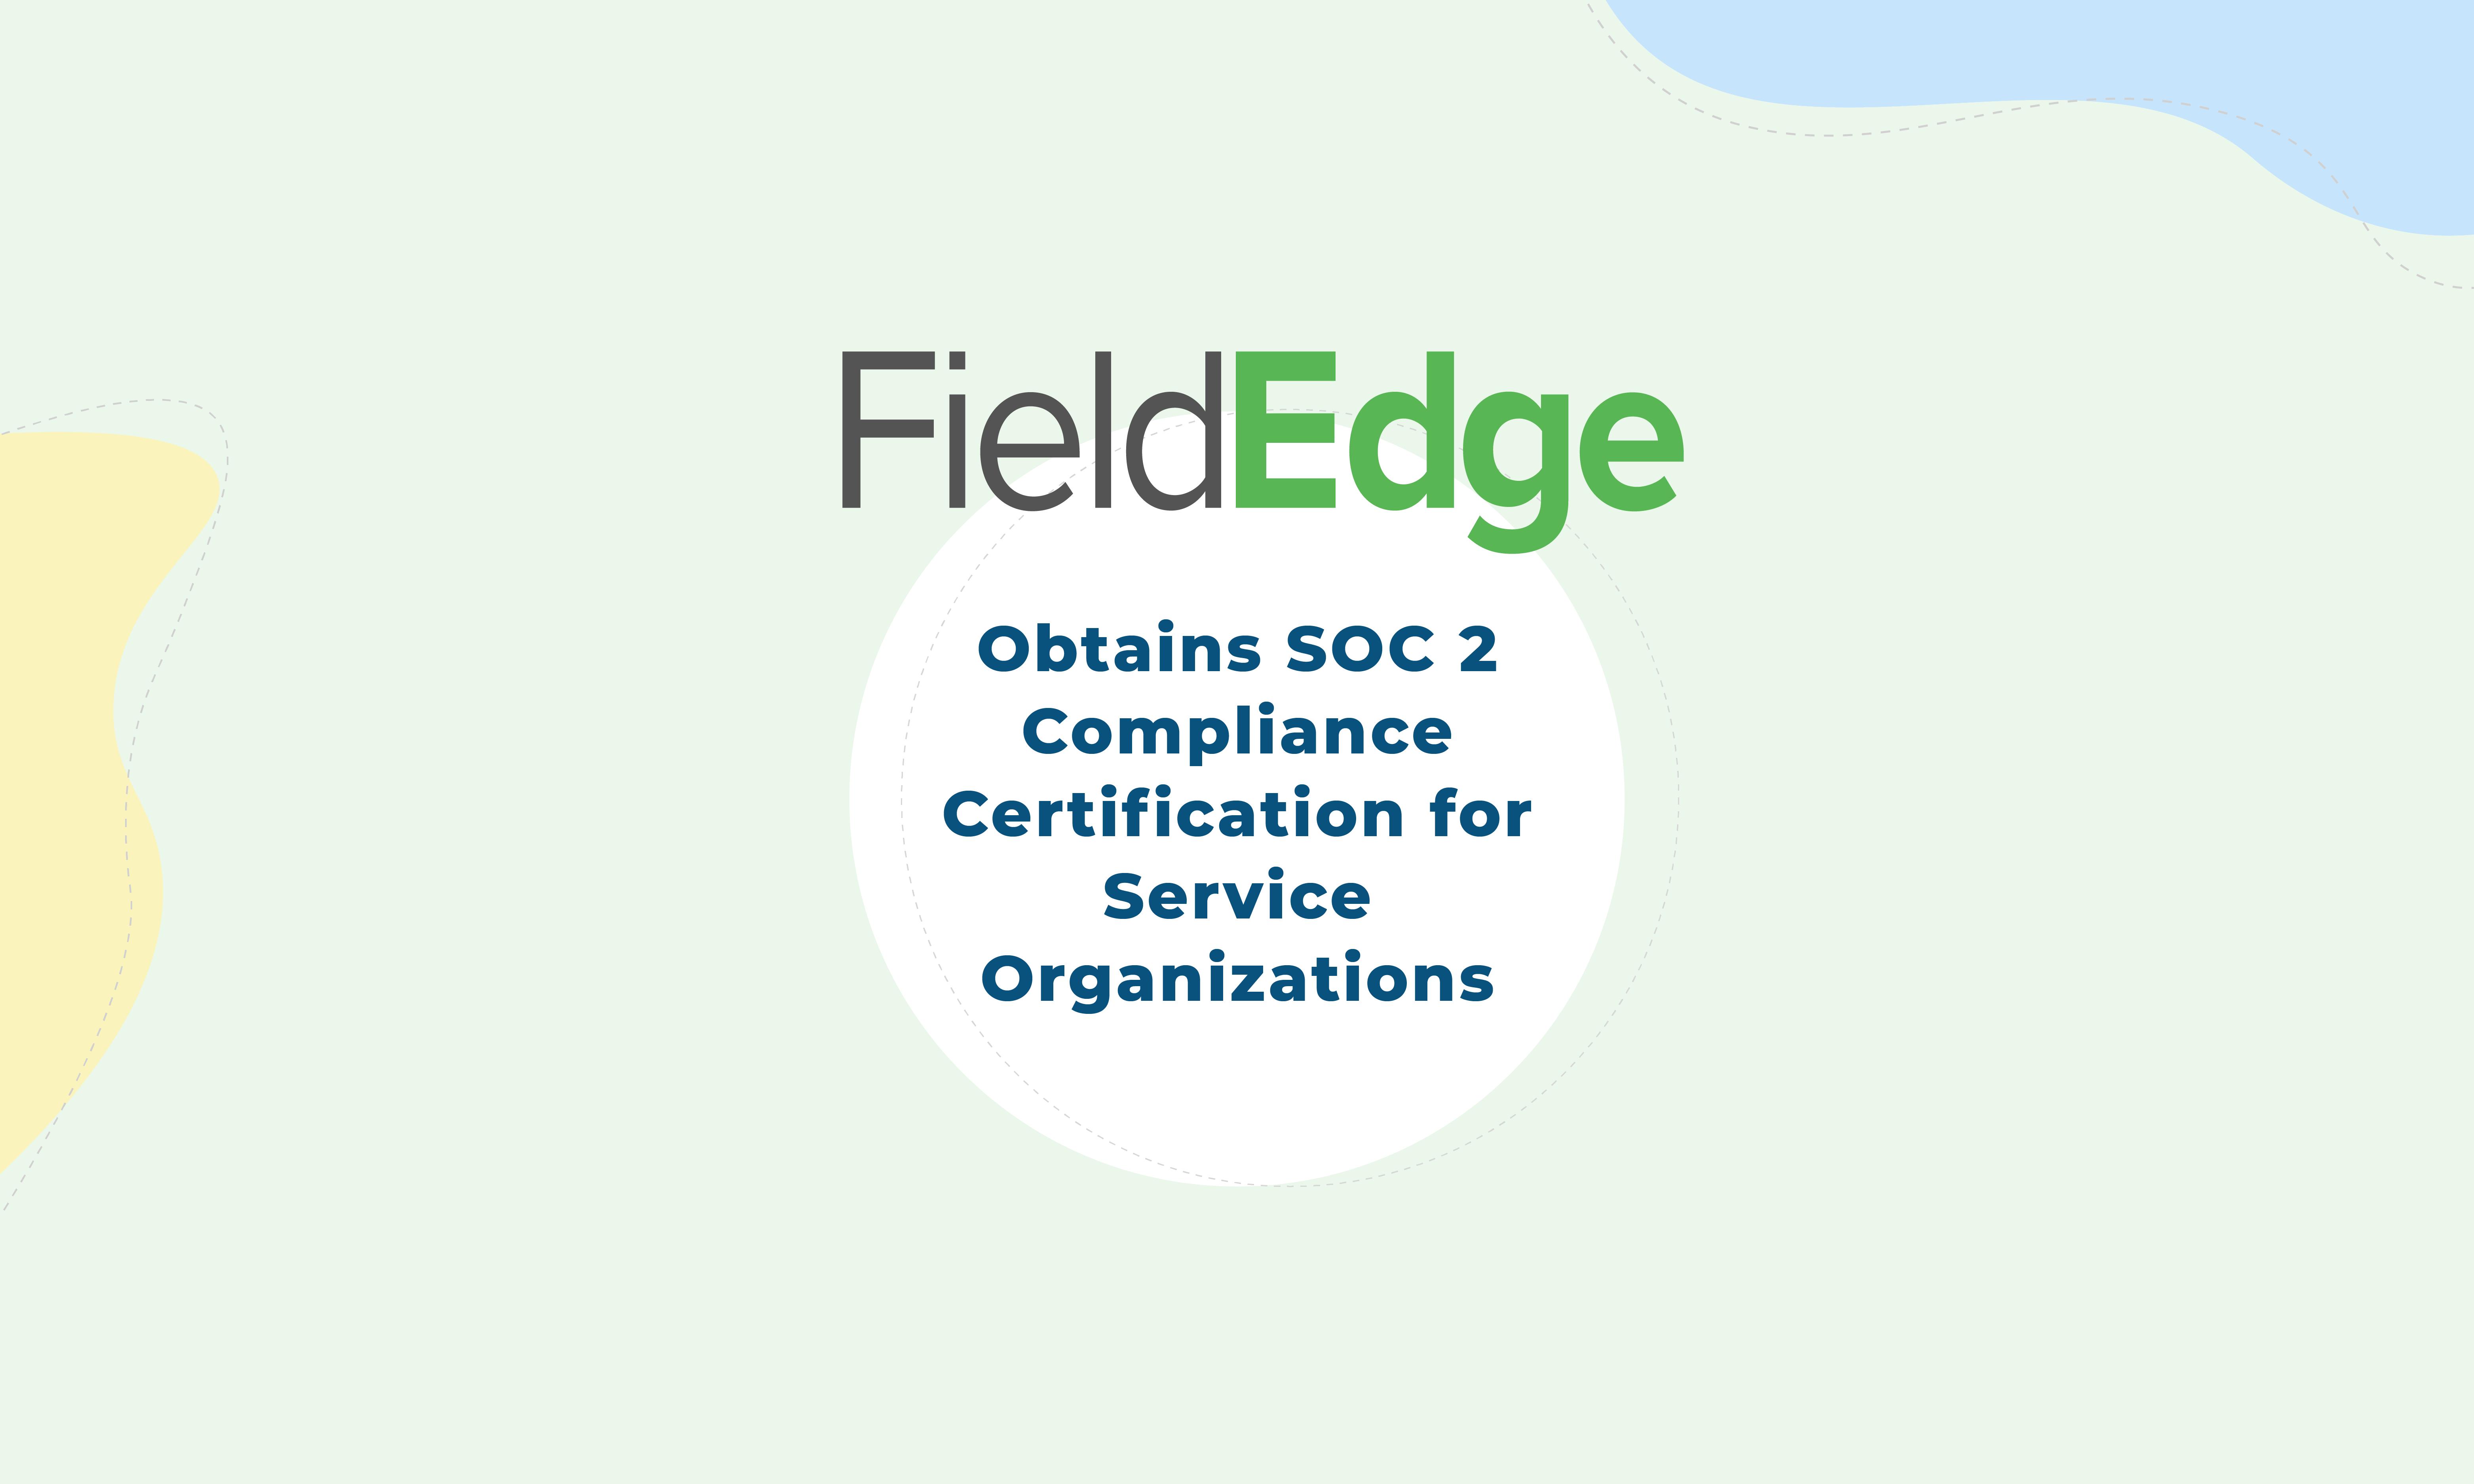 fieldedge soc 2 compliance